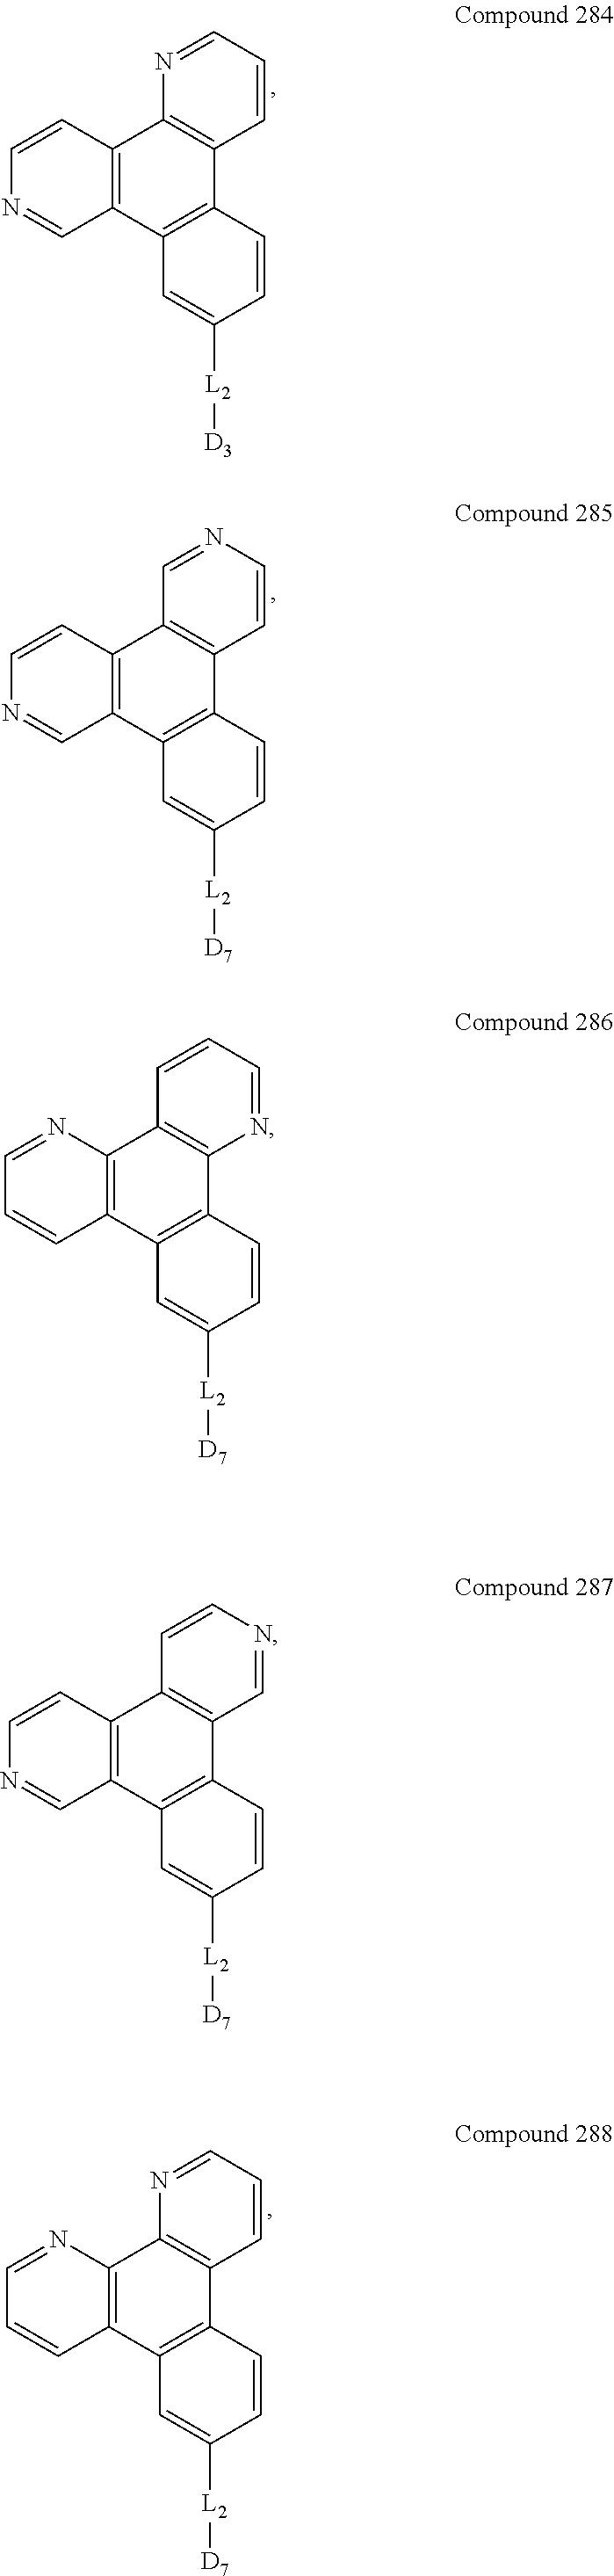 Figure US09537106-20170103-C00628